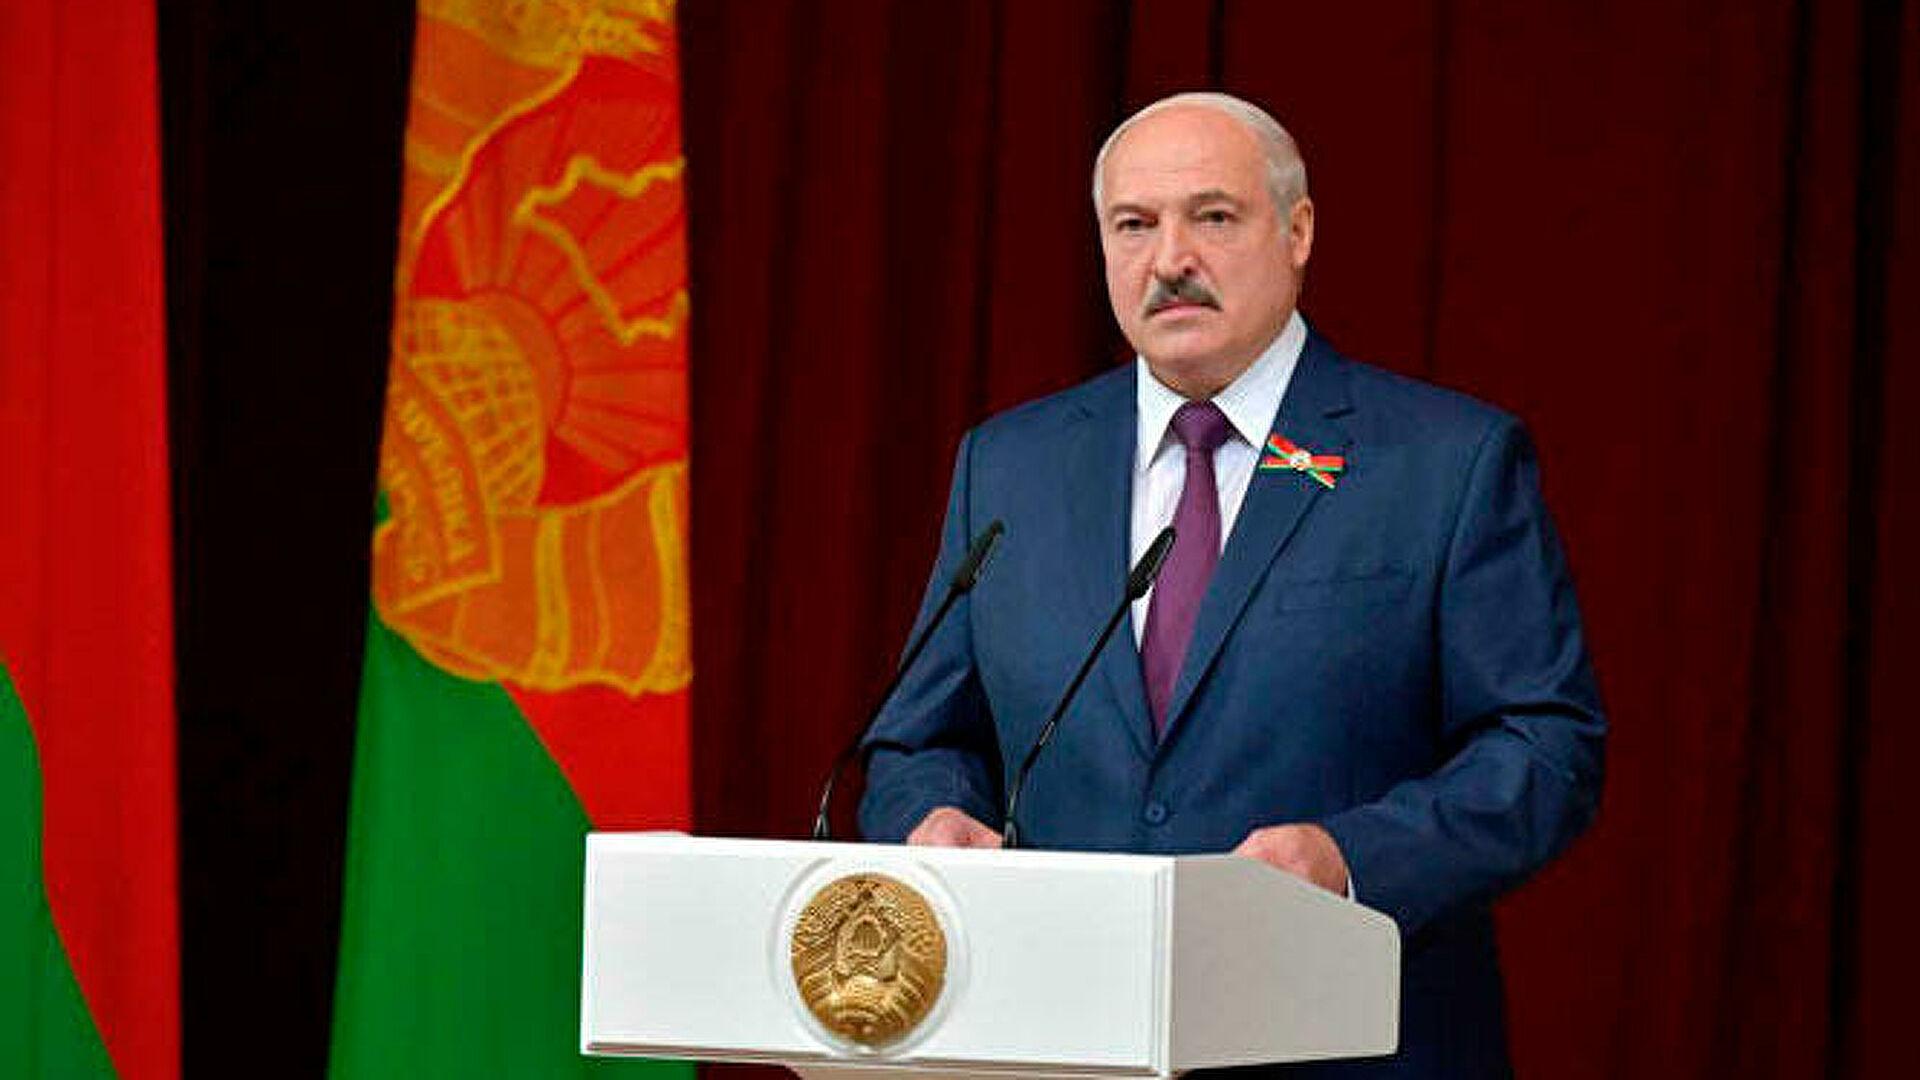 Лукашенко: Русија и Белорусија немају много пријатеља, морамо заједнички да одговоримо на нове изазове